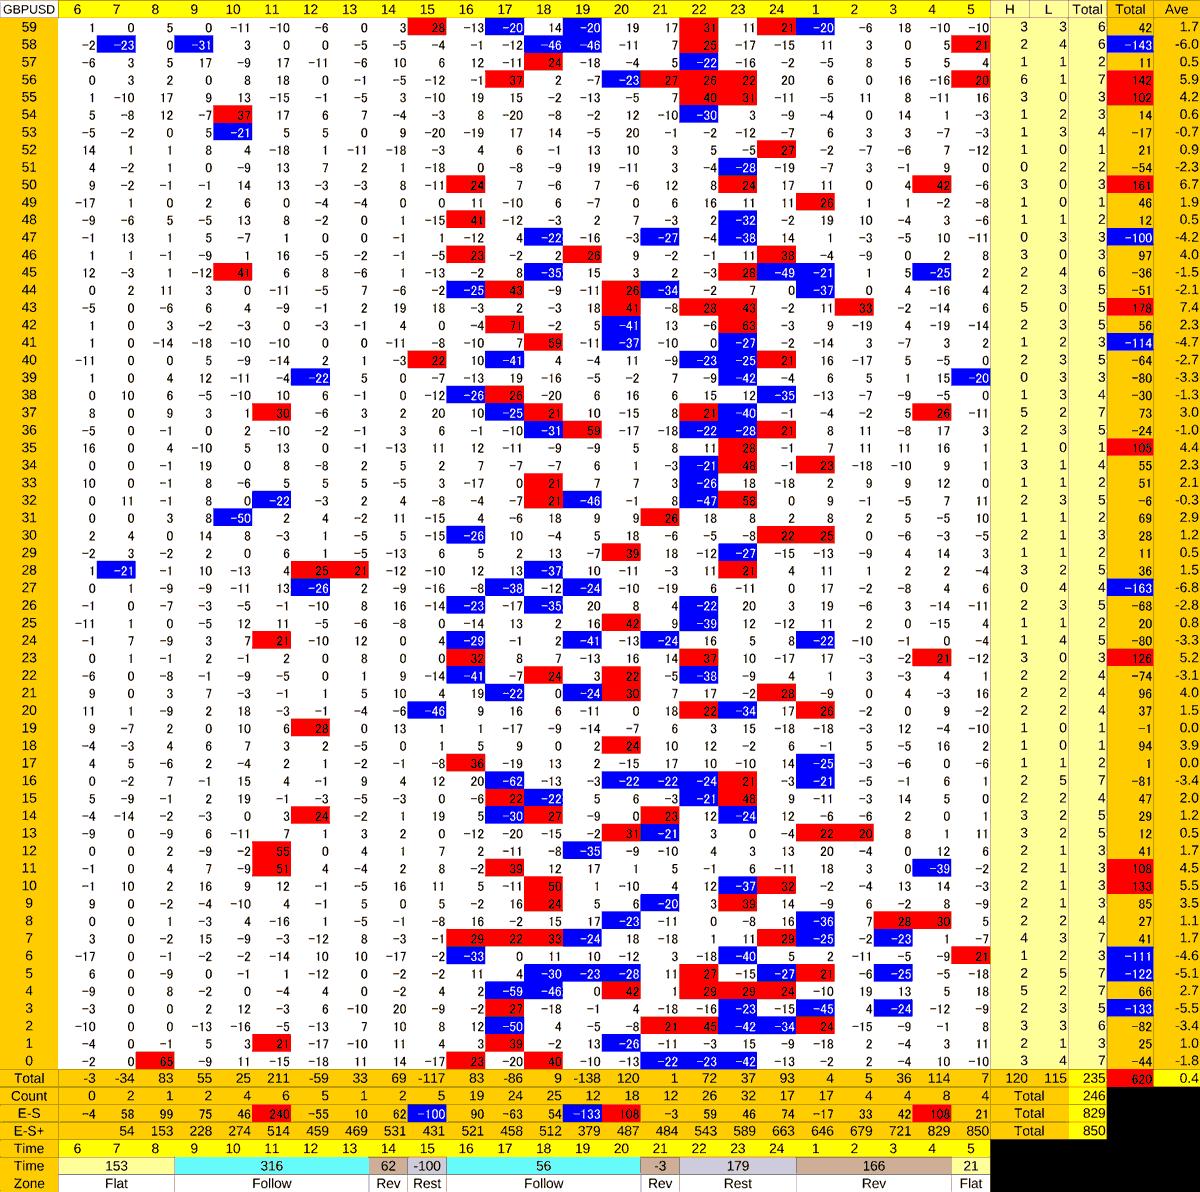 20210209_HS(2)GBPUSD